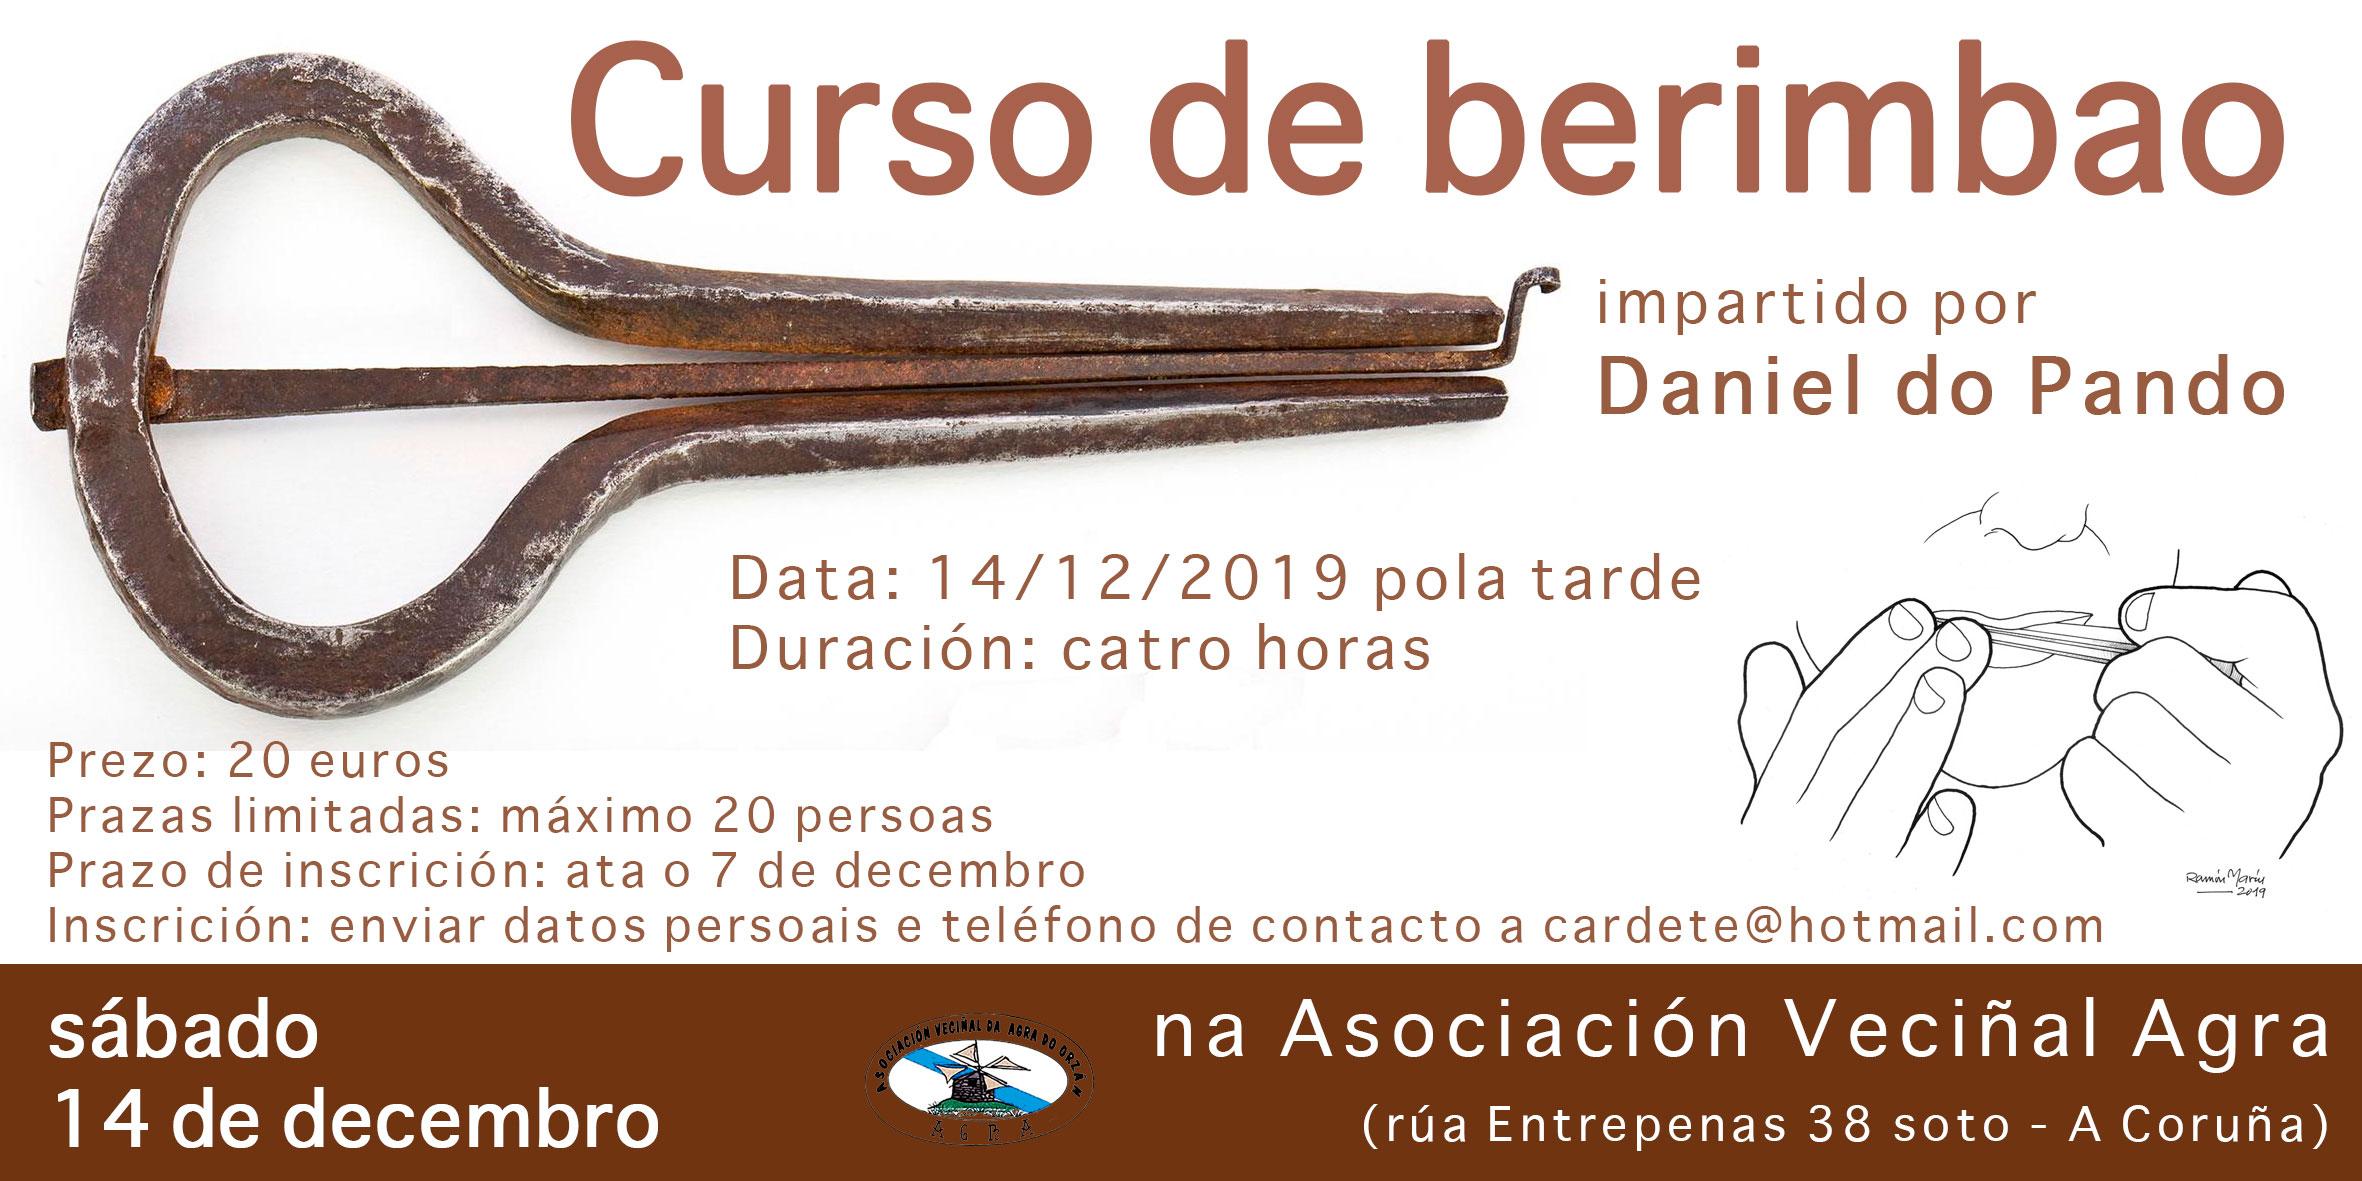 Curso de berimbao na Coruña